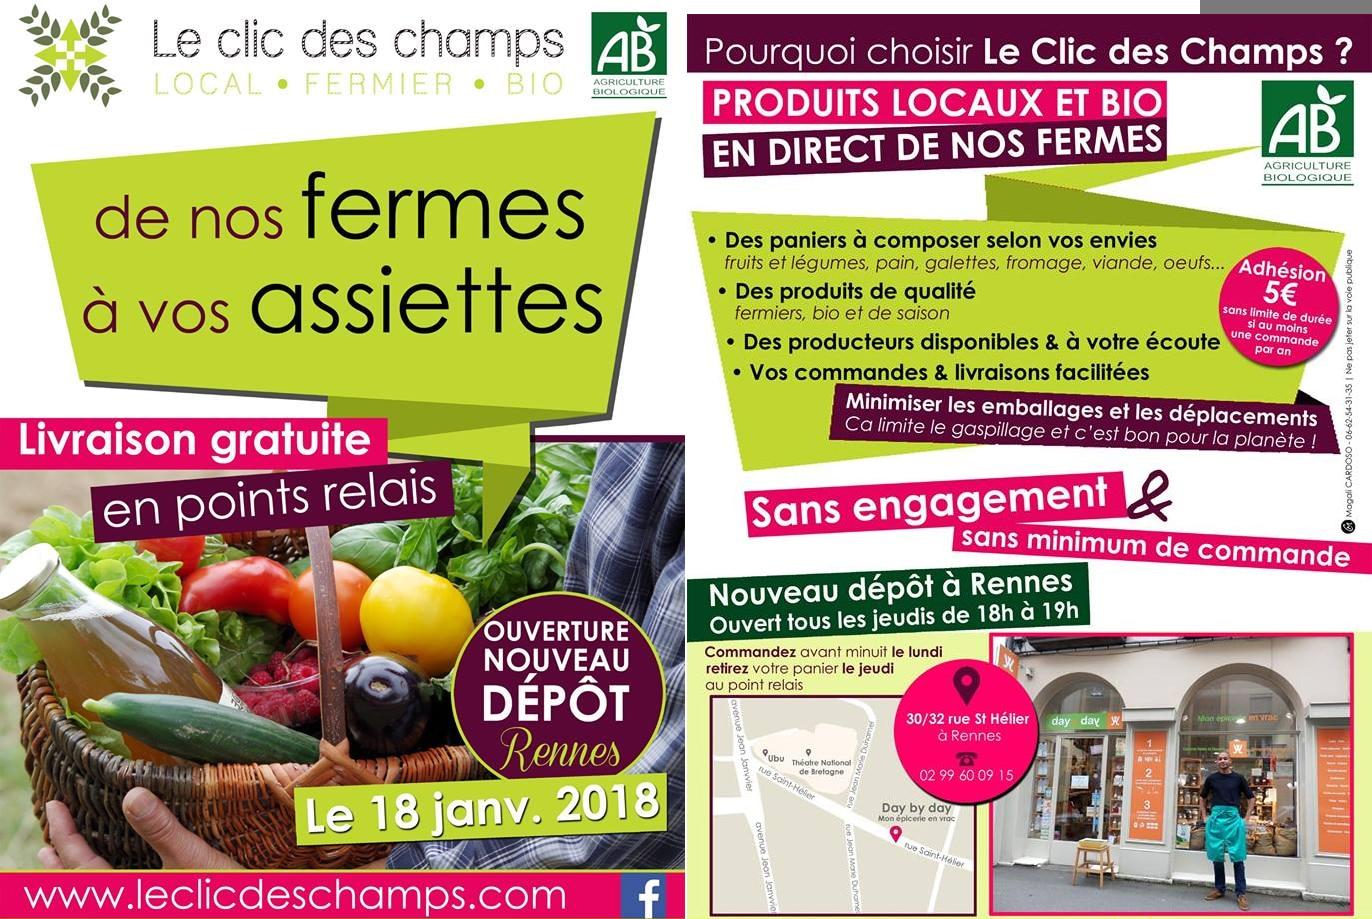 Le Clic des Champs : La boutique en direct des producteurs sur Rennes